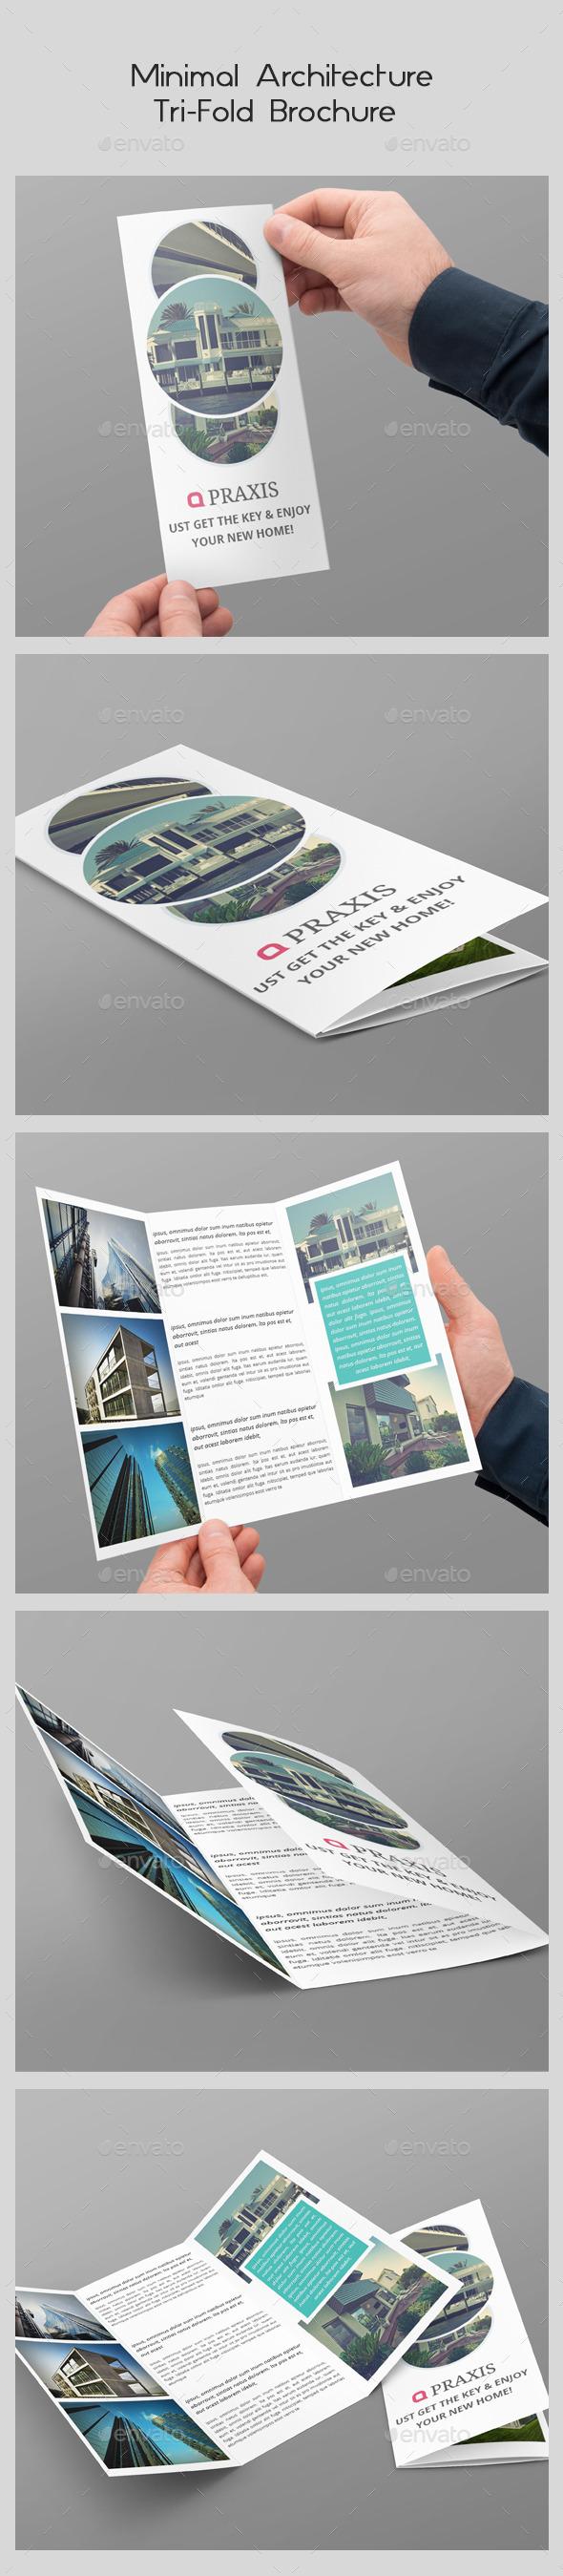 GraphicRiver Minimal Architecture Tri-Fold Brochure 10302665